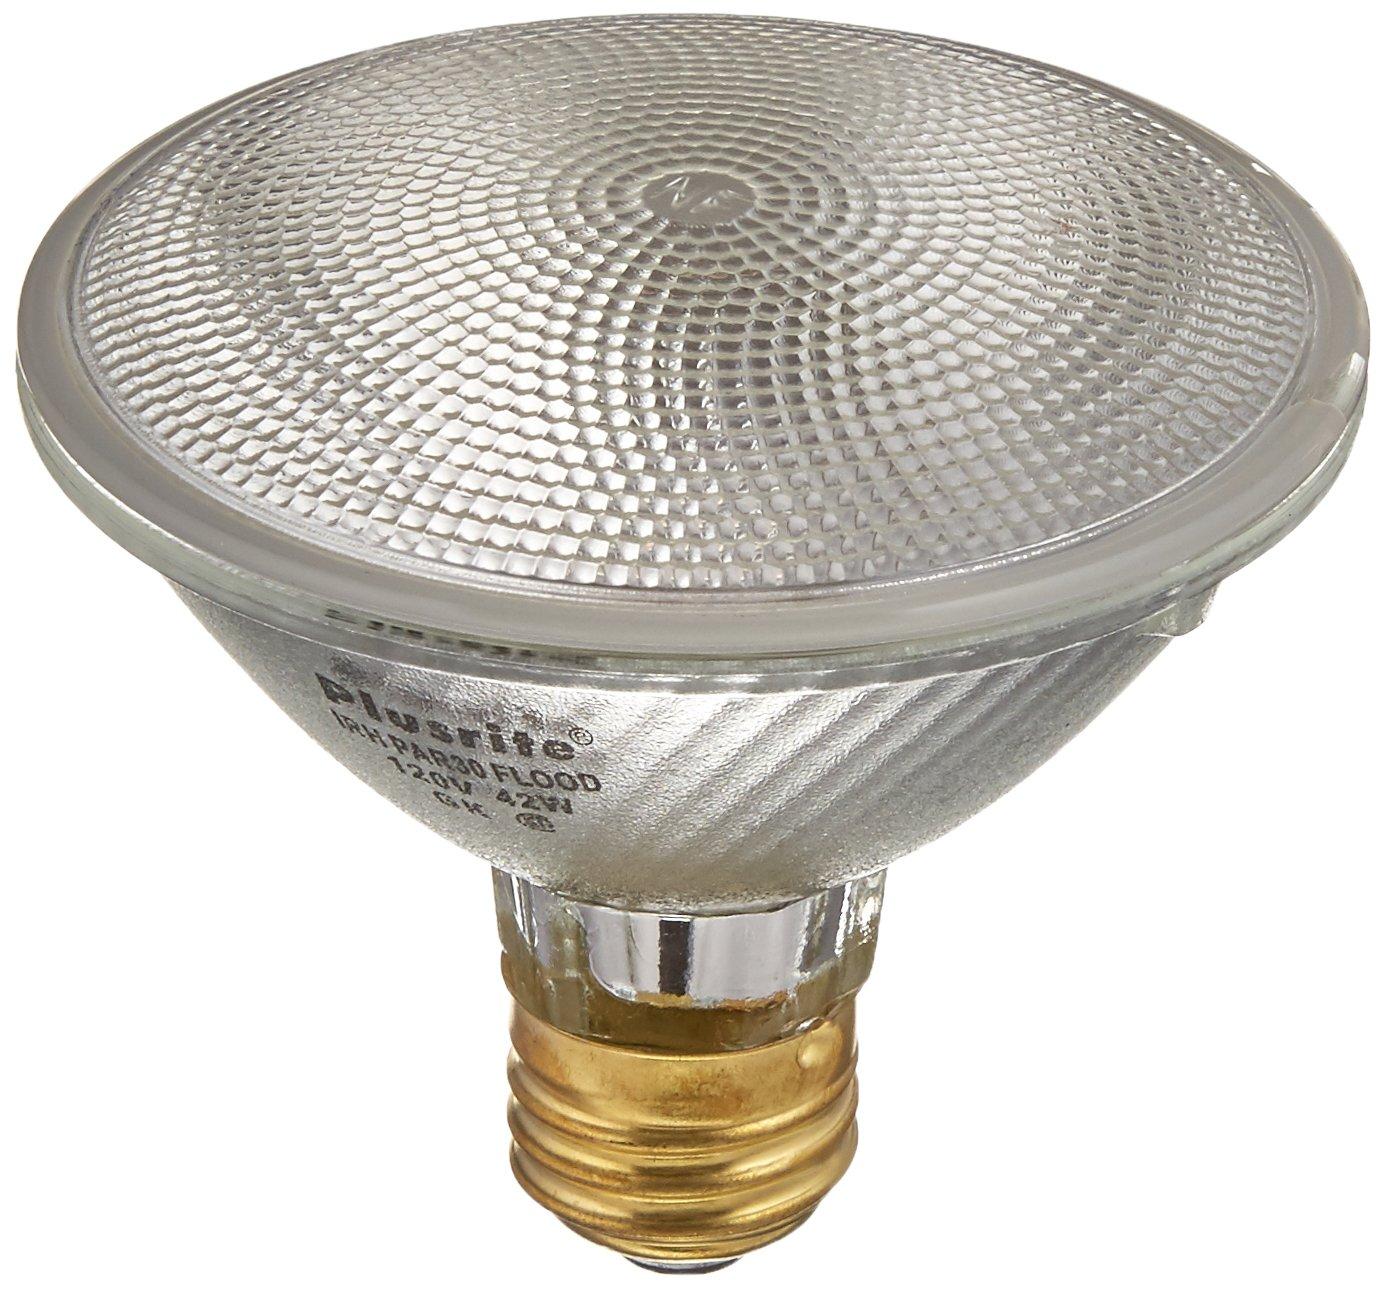 Plusrite 3515 03515 42PAR30 Irh FL 120 PAR30 Halogen Light Bulb